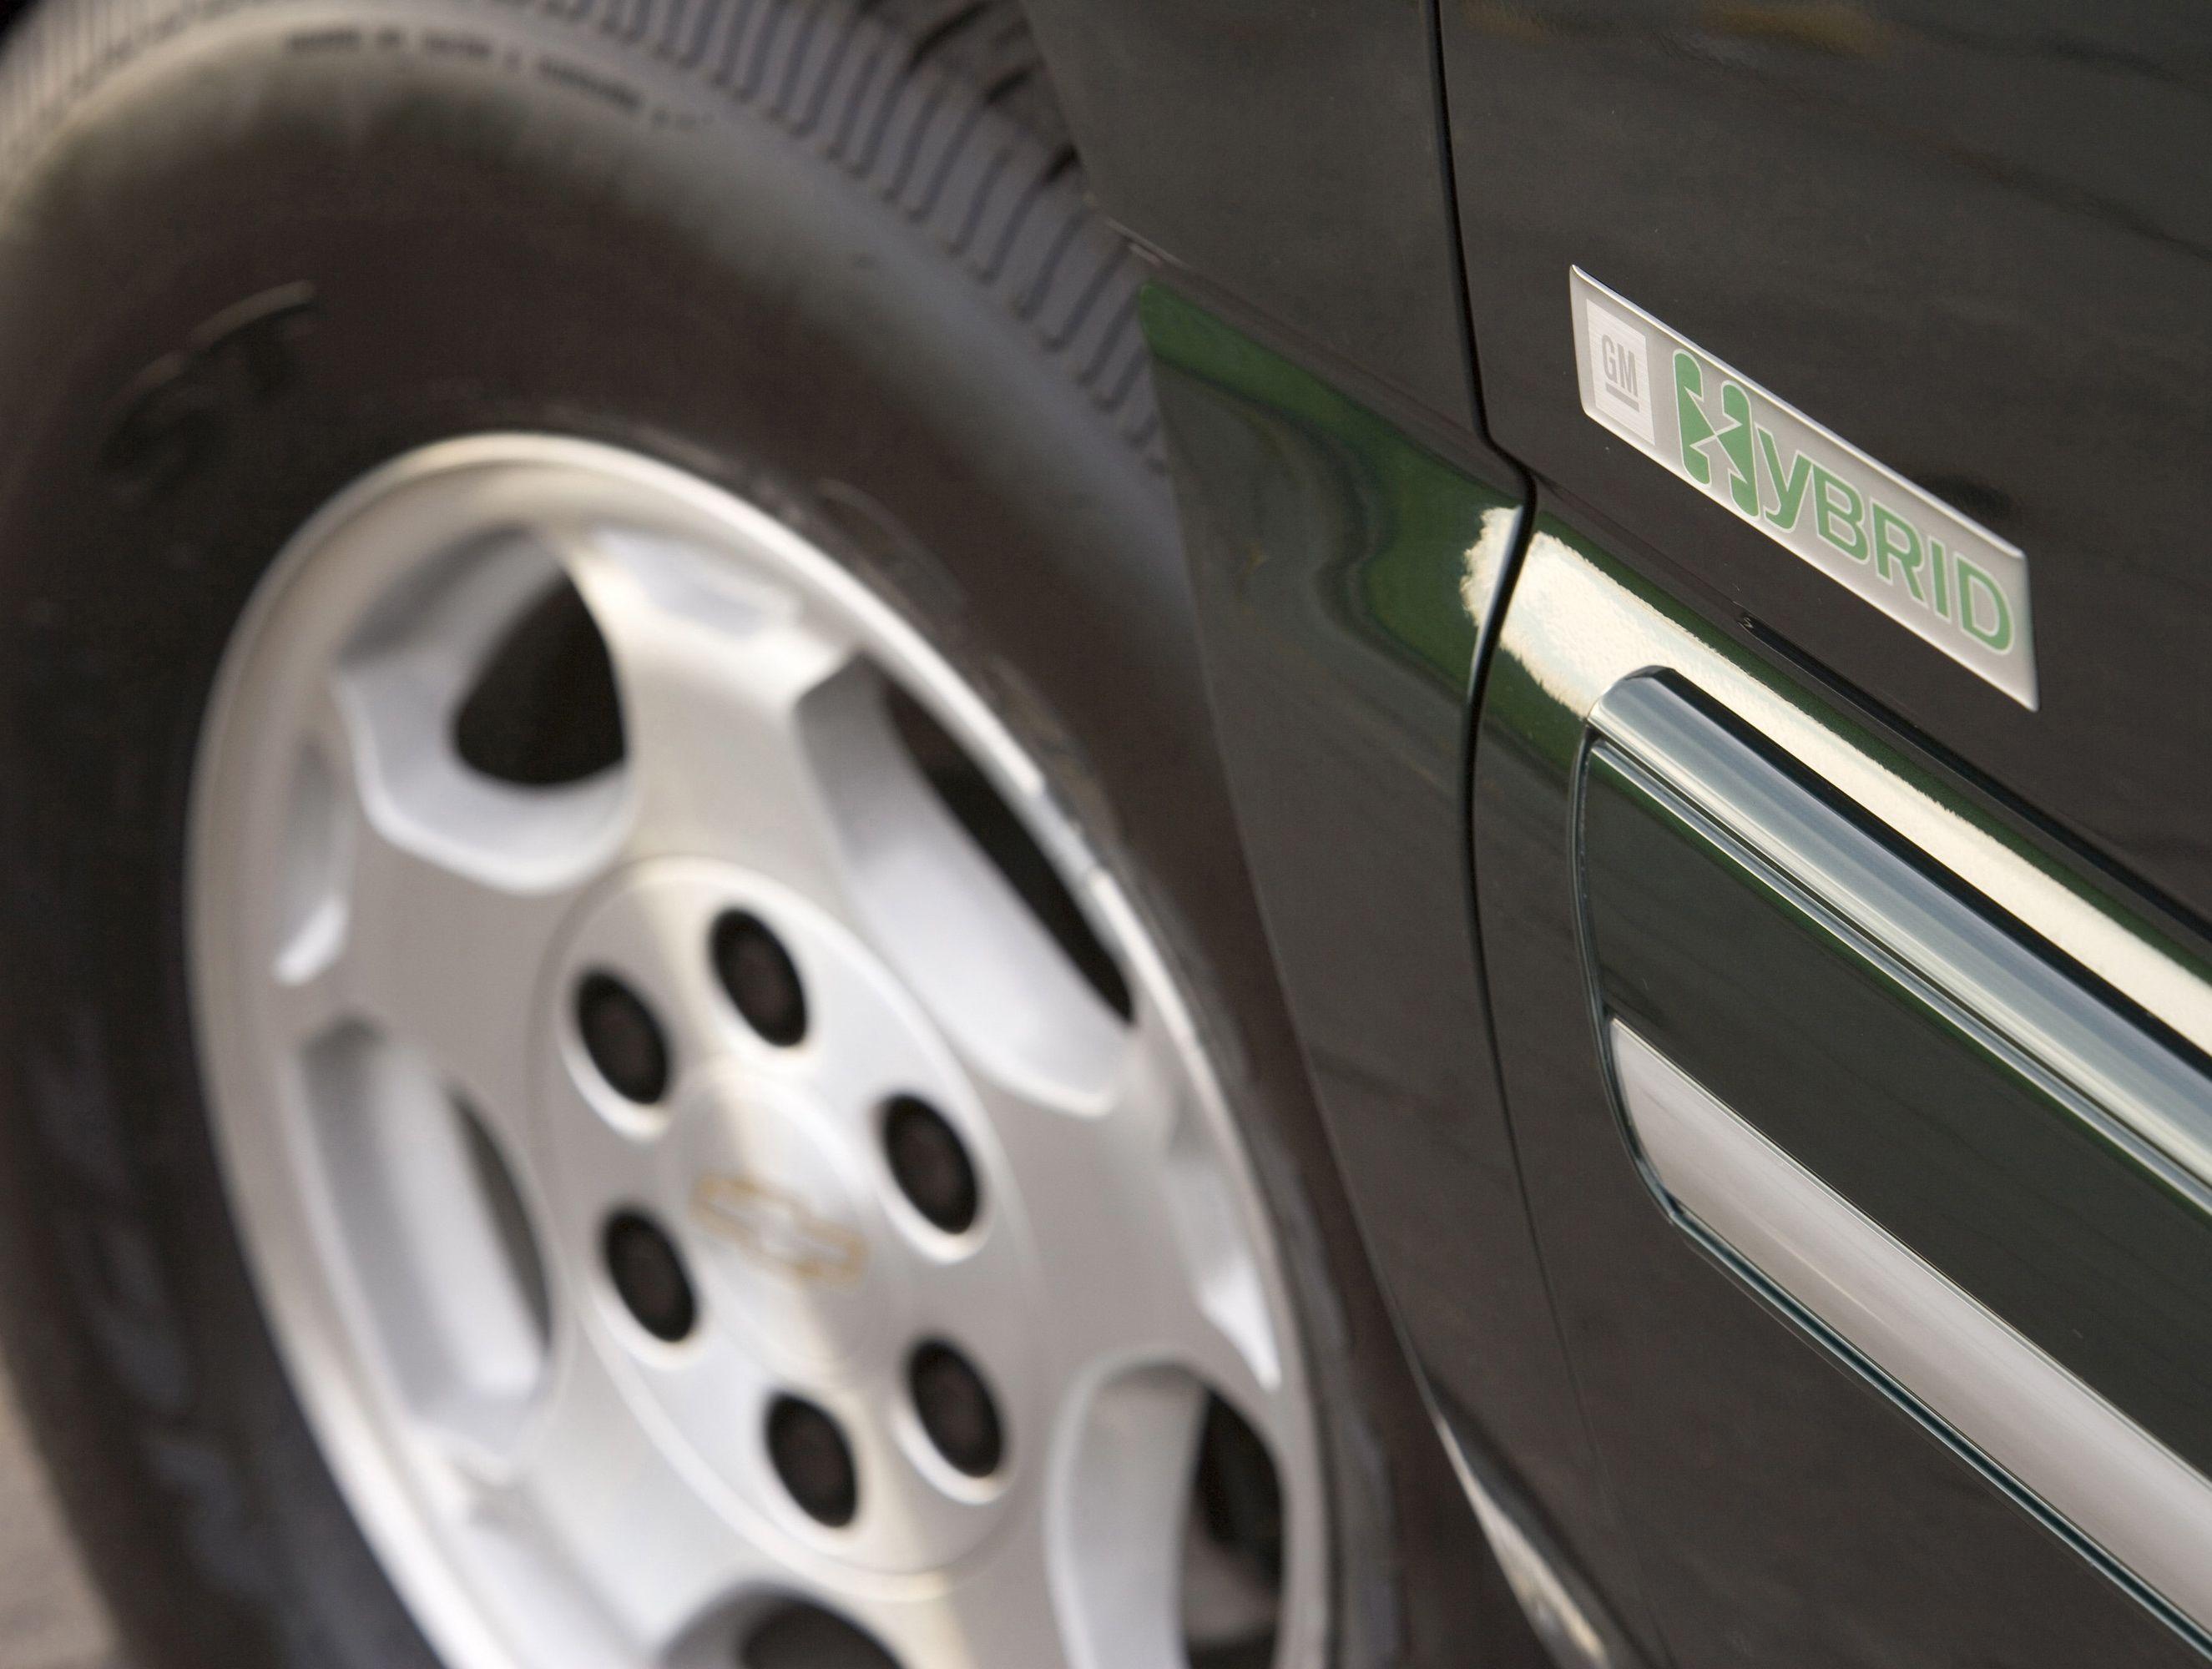 Chevrolet Silverado 2mode Hybrid 2007